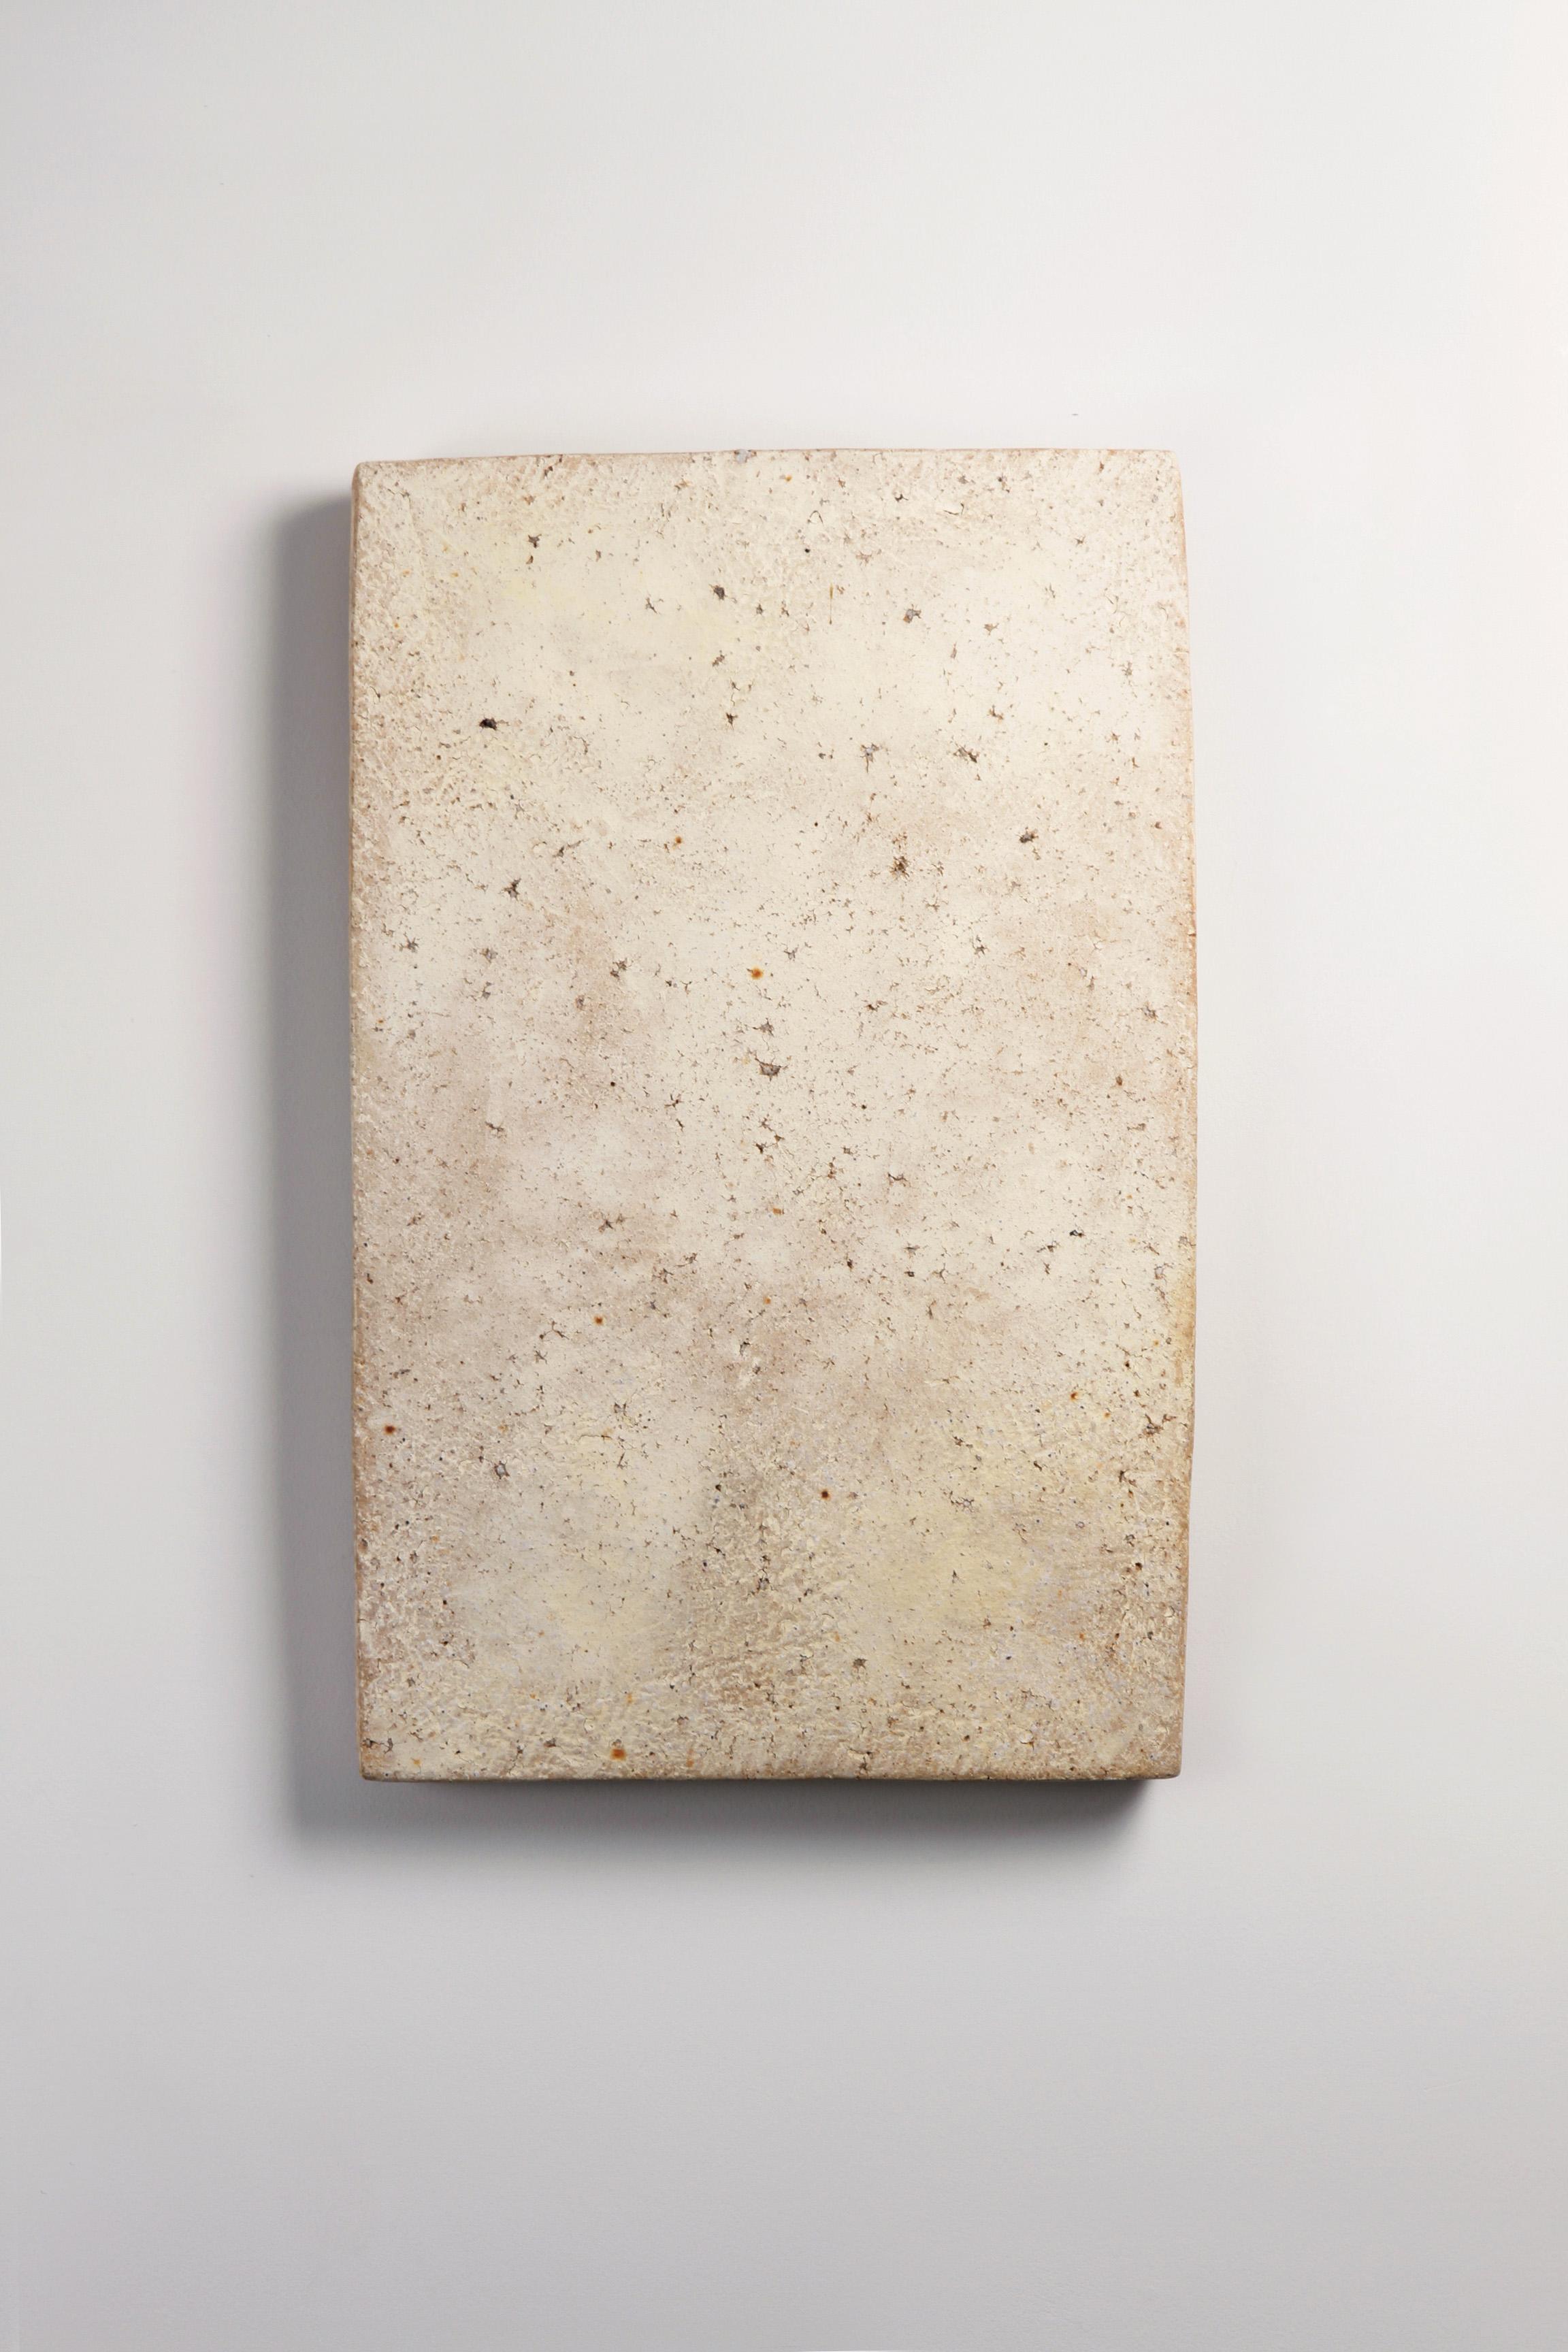 輝き   土 61 x 39 cm 2016